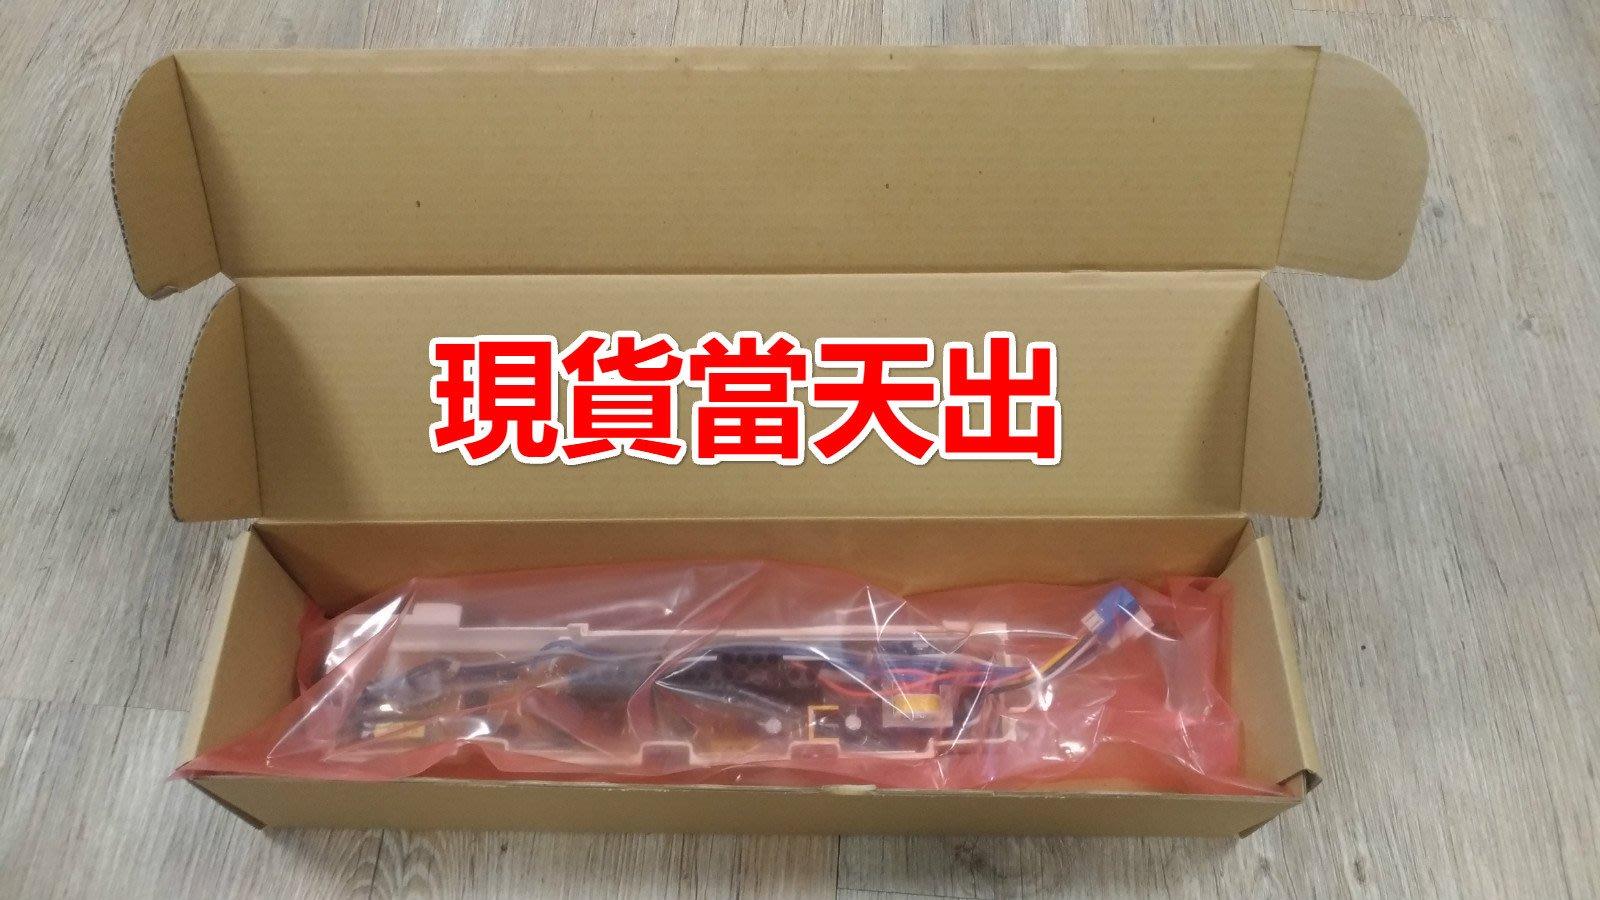 三洋 洗衣機 81HT 86HT ASW-87HT B (翻修良品) 控制 電路板 IC板 主機板 sanyo 二手